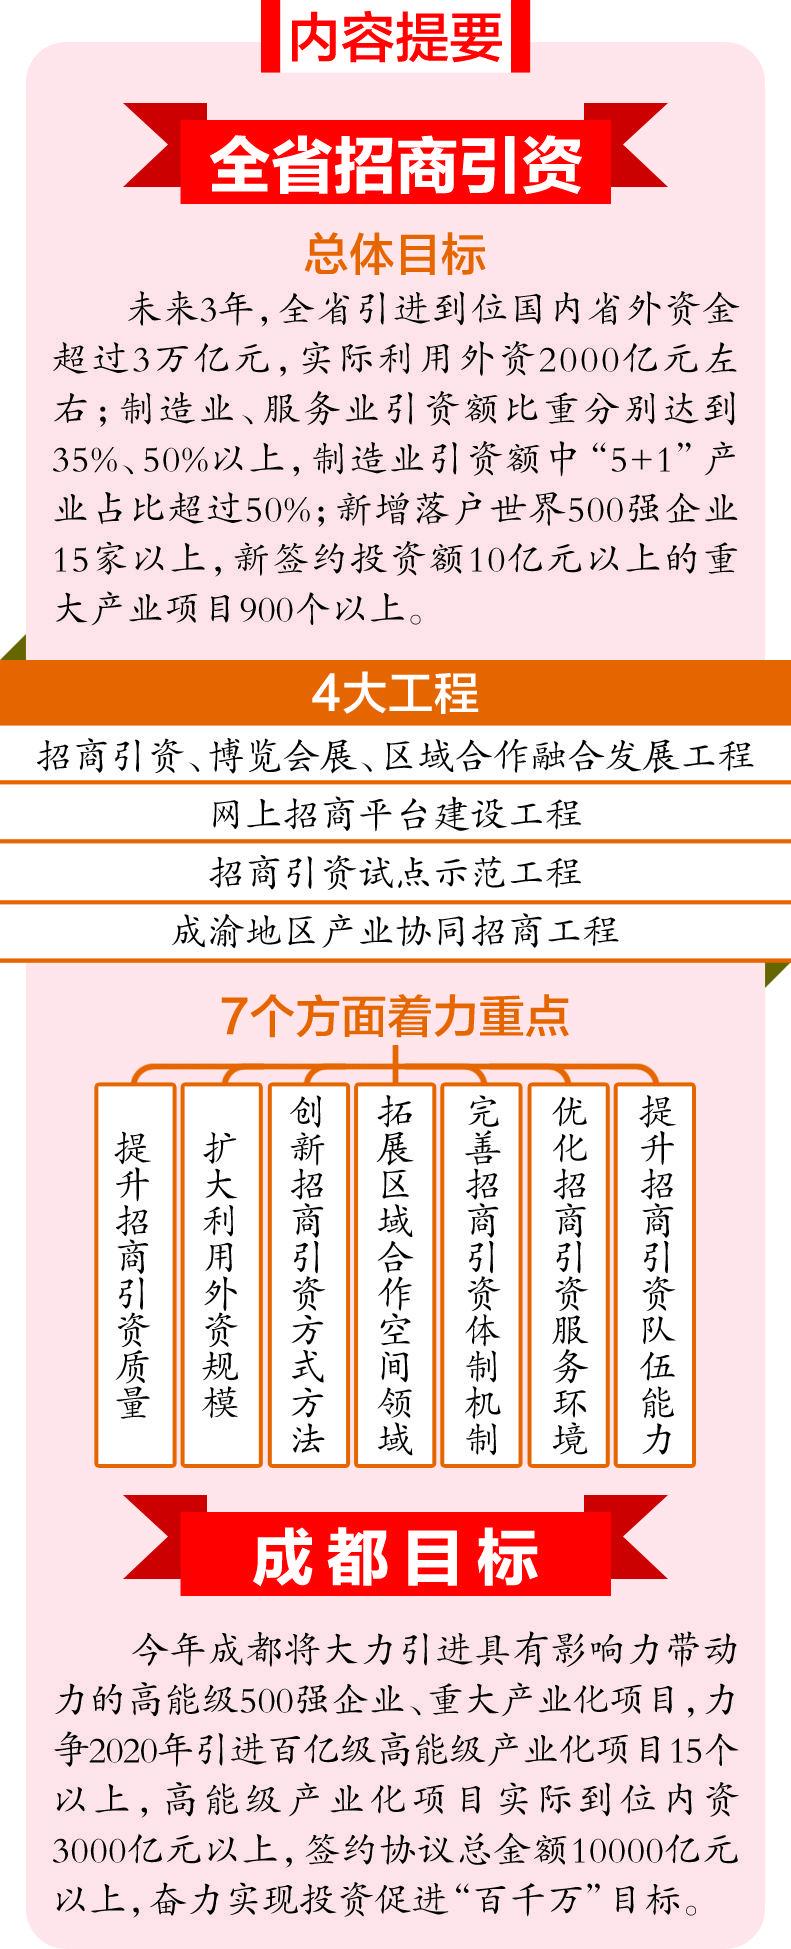 【杏鑫代理】招商引资三年杏鑫代理规划昨发图片